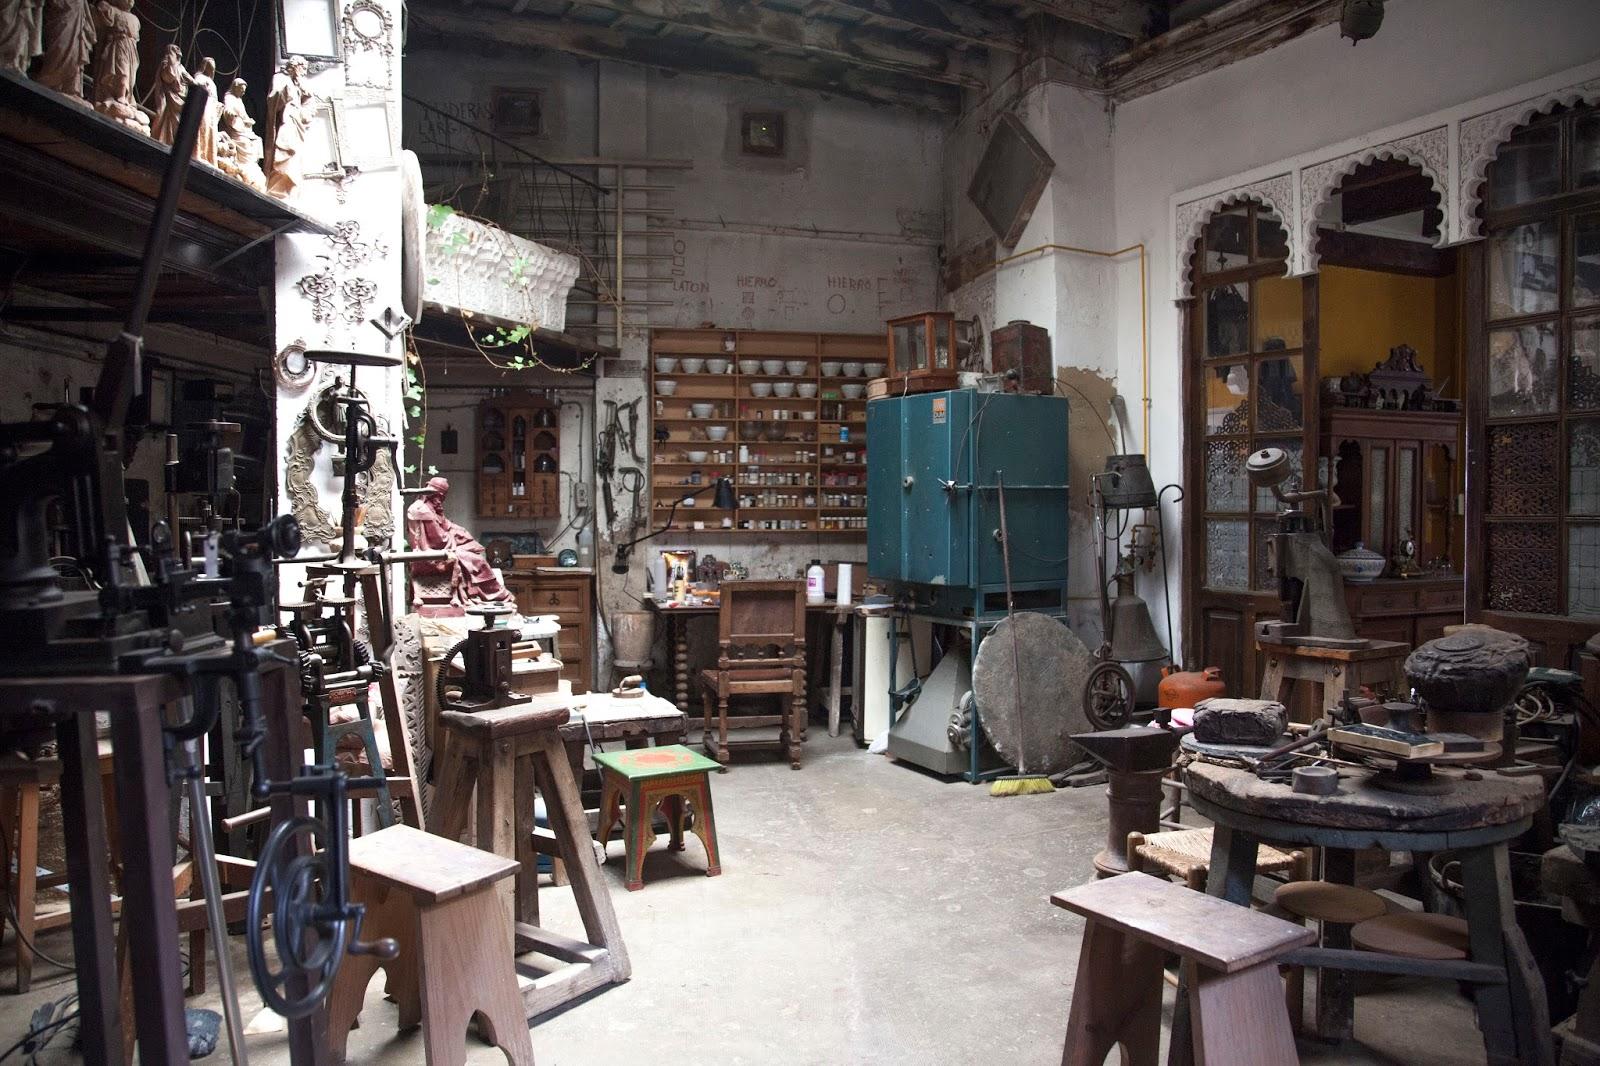 El taller de la muralla del carmen casa taller march - Artesanos valencia ...